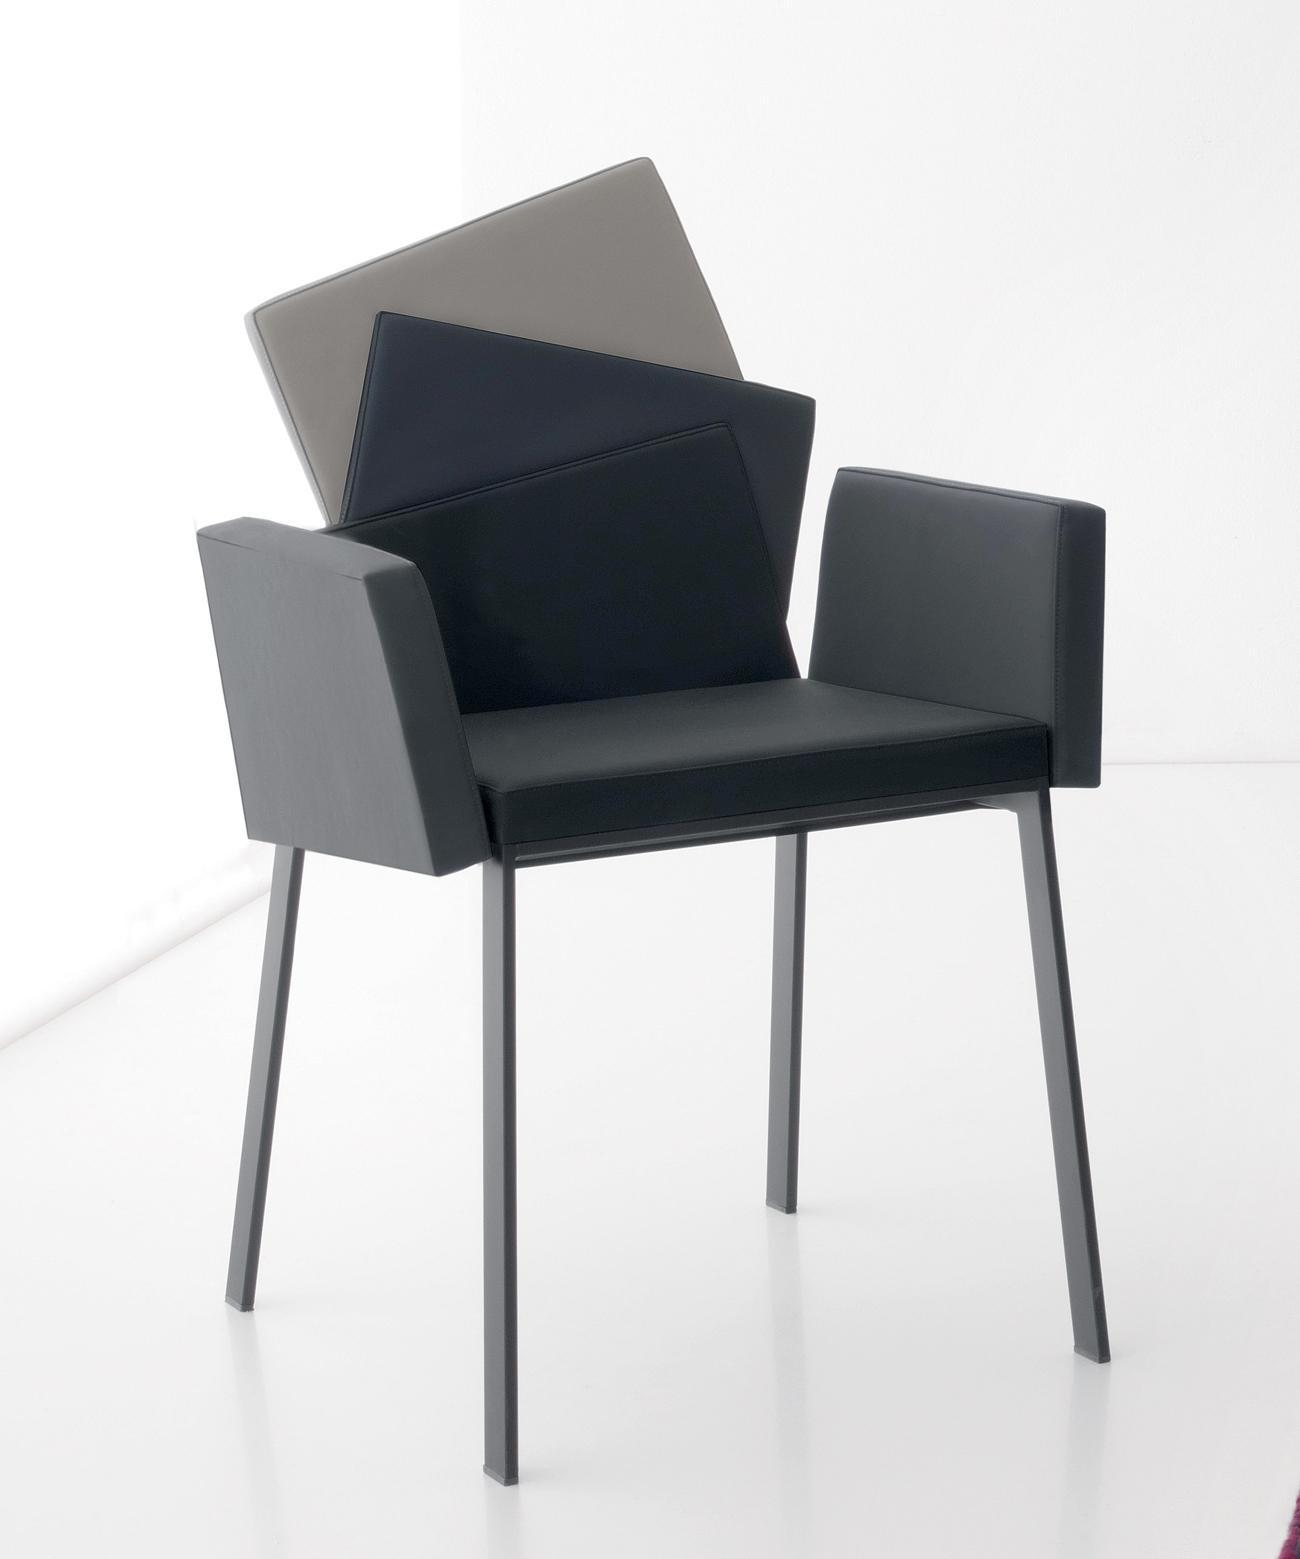 chaise avec accoudoir design chaise avec accoudoir pas cher chaise salle a manger avec. Black Bedroom Furniture Sets. Home Design Ideas